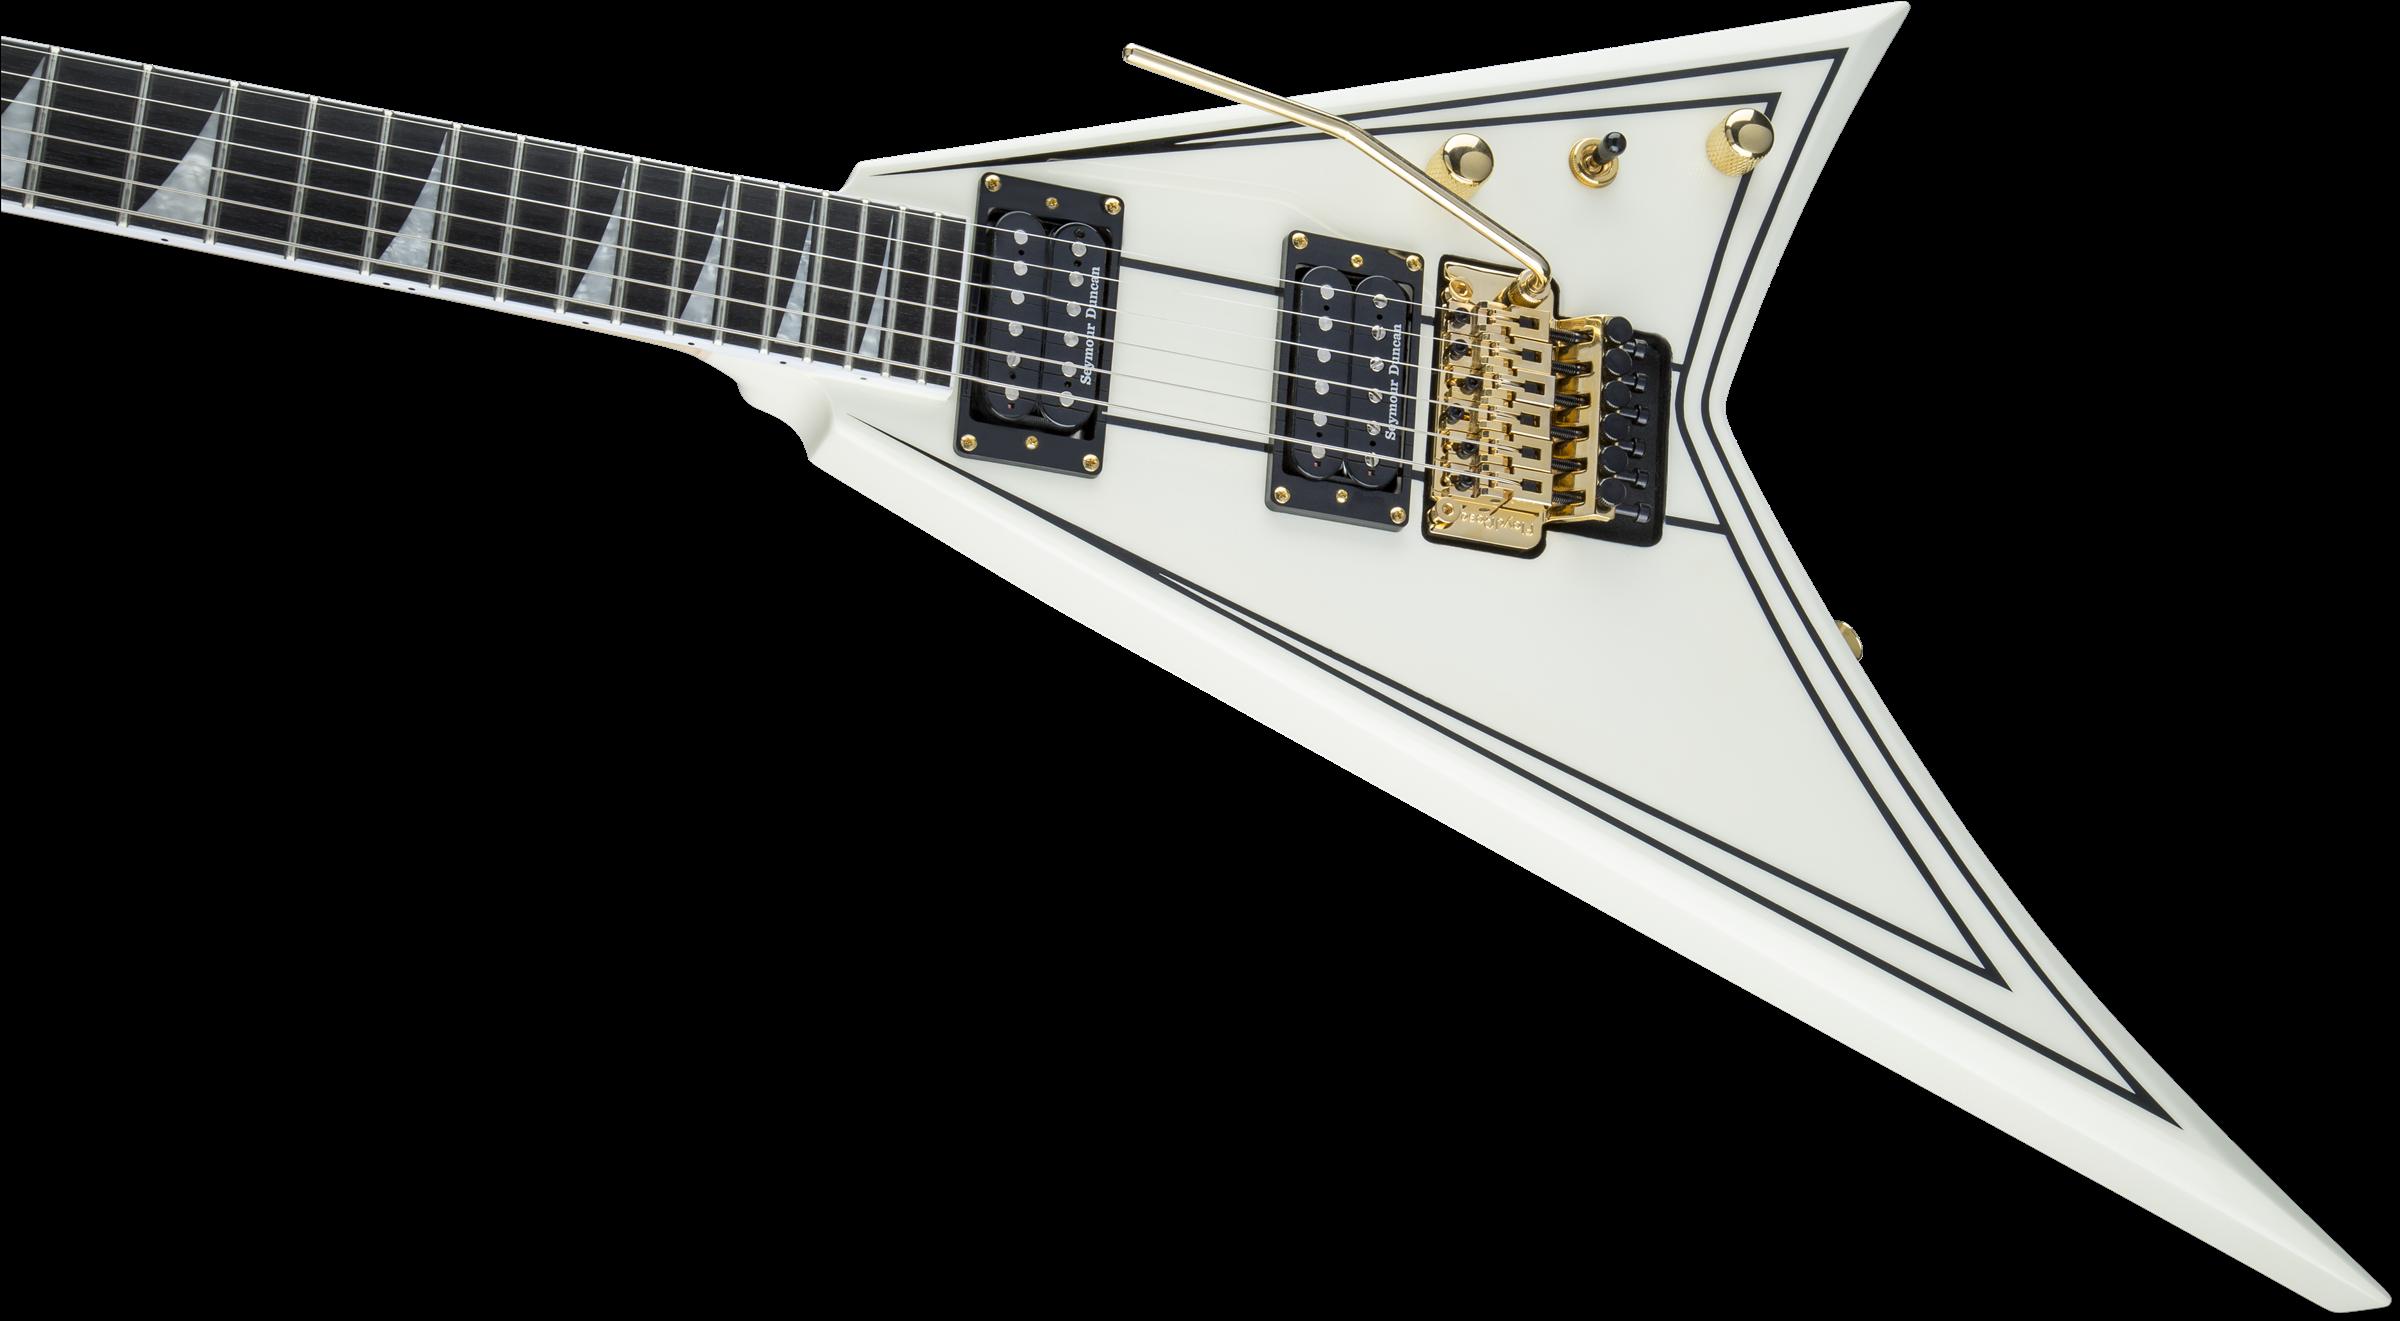 Rhoads :: Pro Series Rhoads RR3, Ebony Fingerboard, Ivory with Black ...